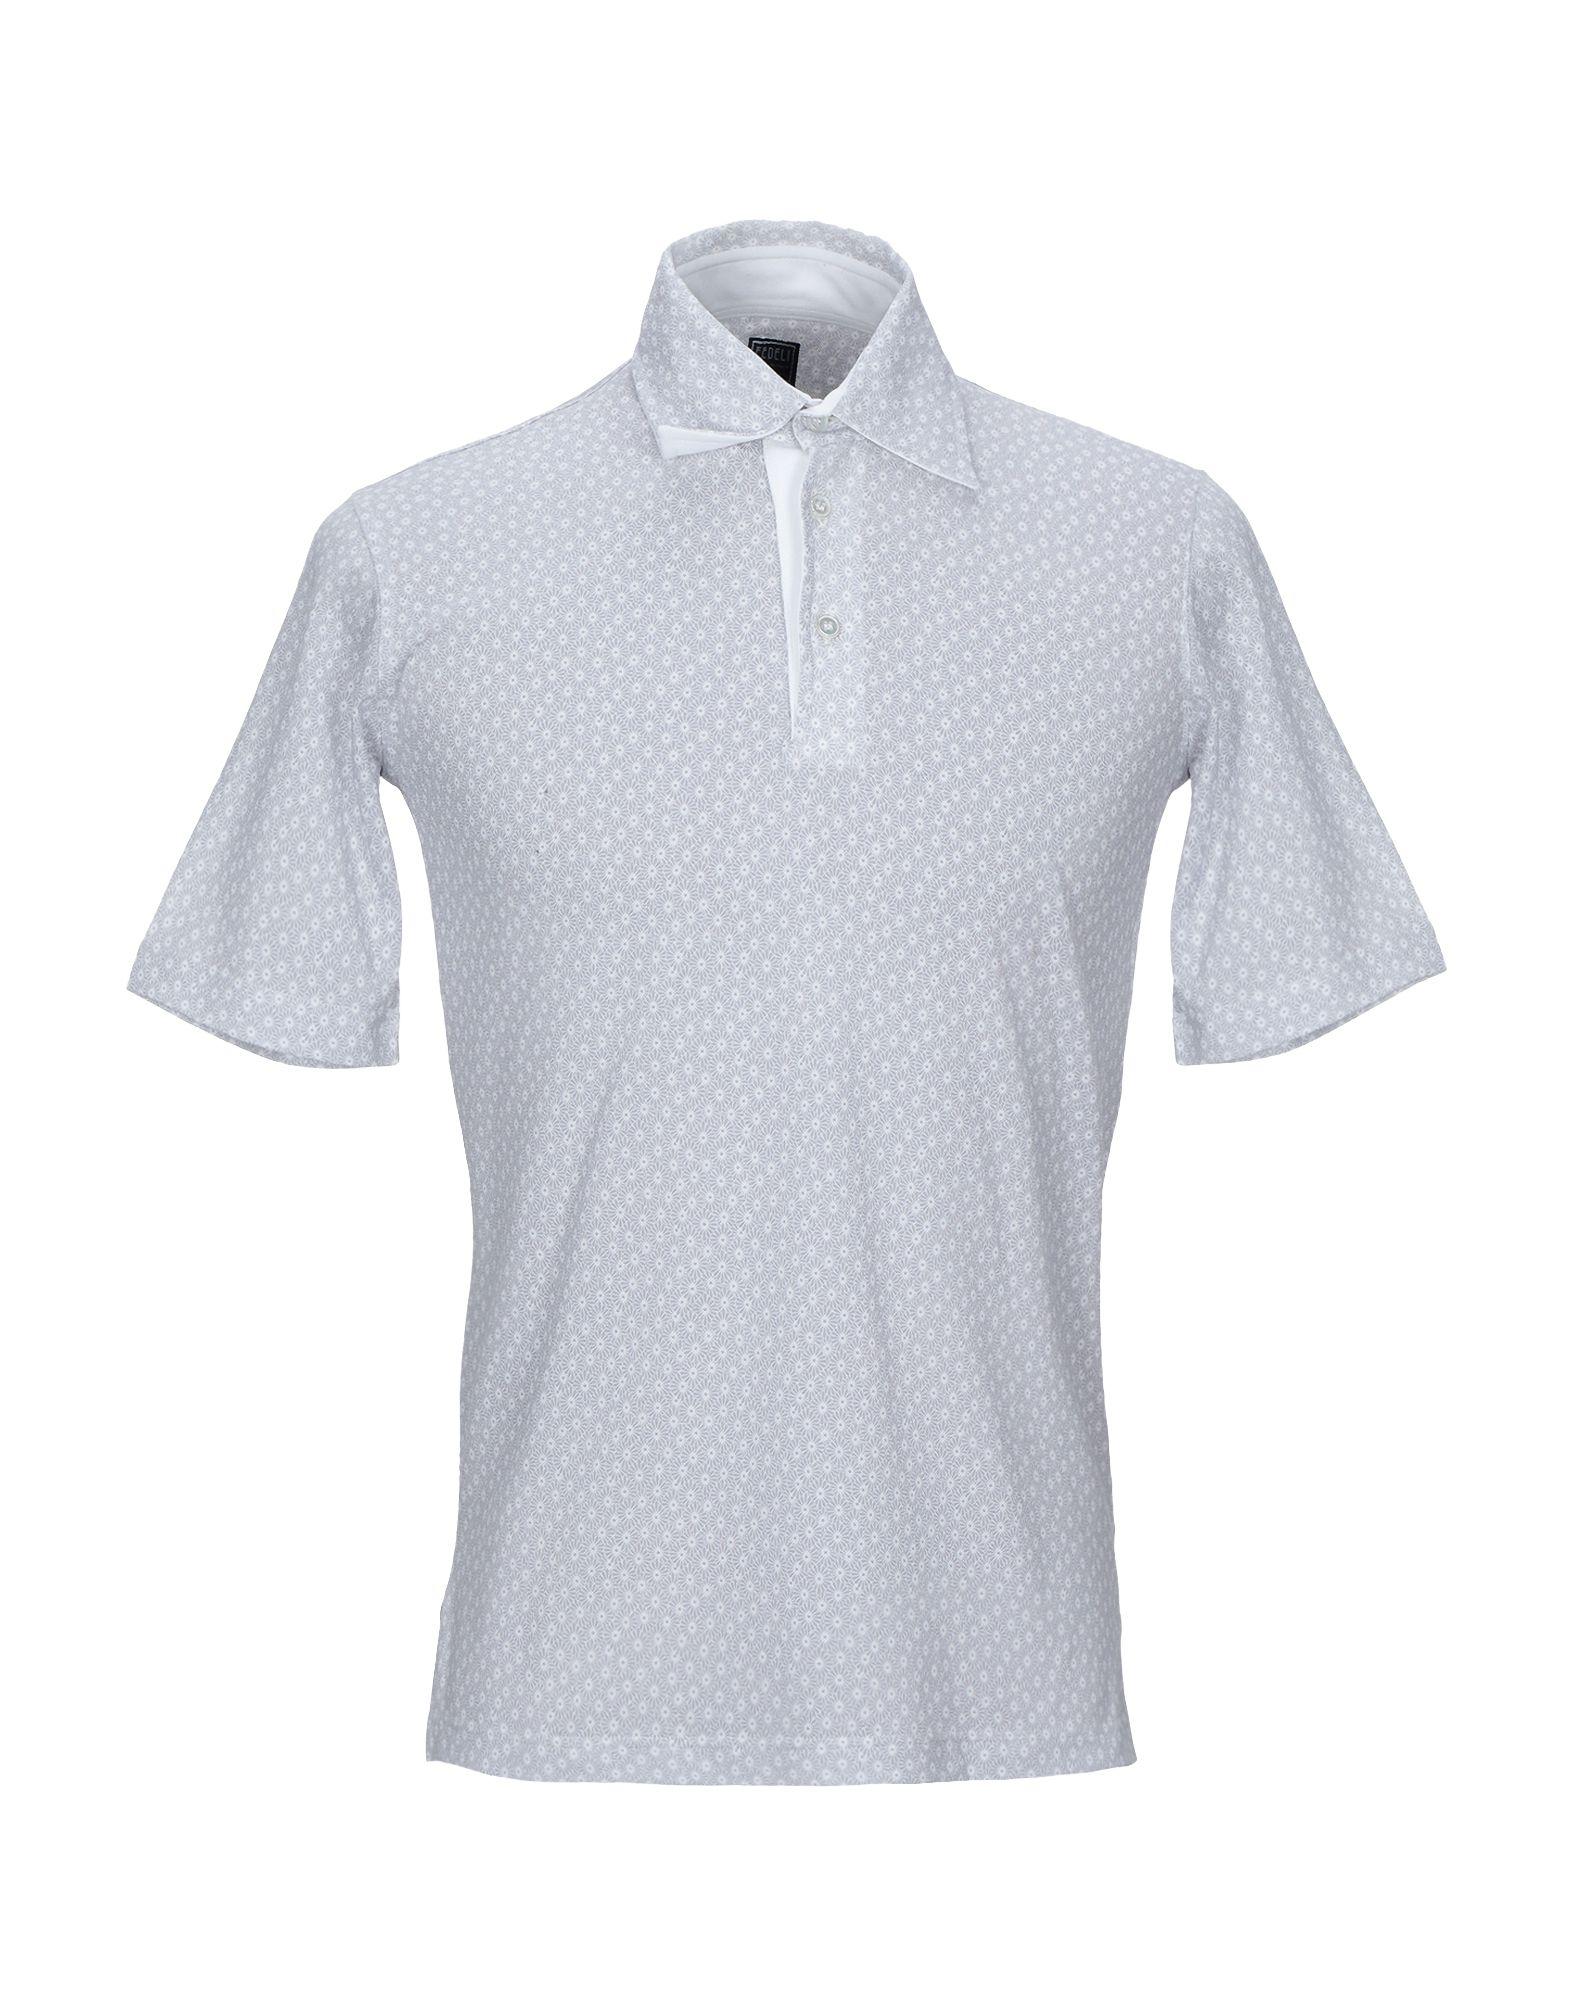 《期間限定セール中》FEDELI メンズ ポロシャツ ライトグレー 48 コットン 100%